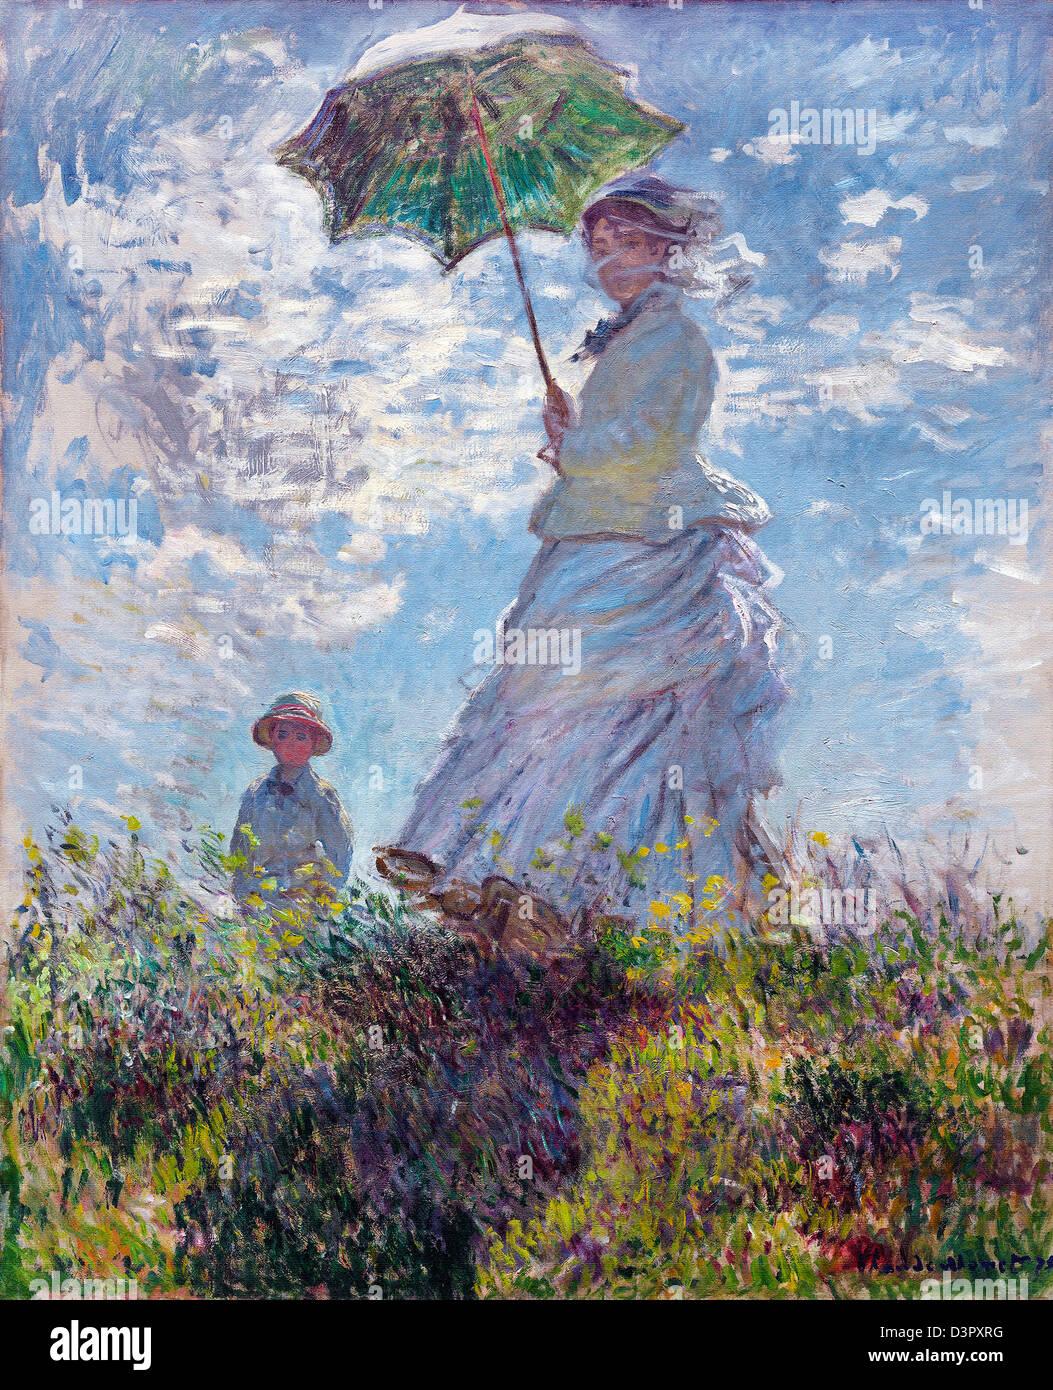 Claude Monet Frau Mit Sonnenschirm Madame Monet Und Ihr Sohn 1875